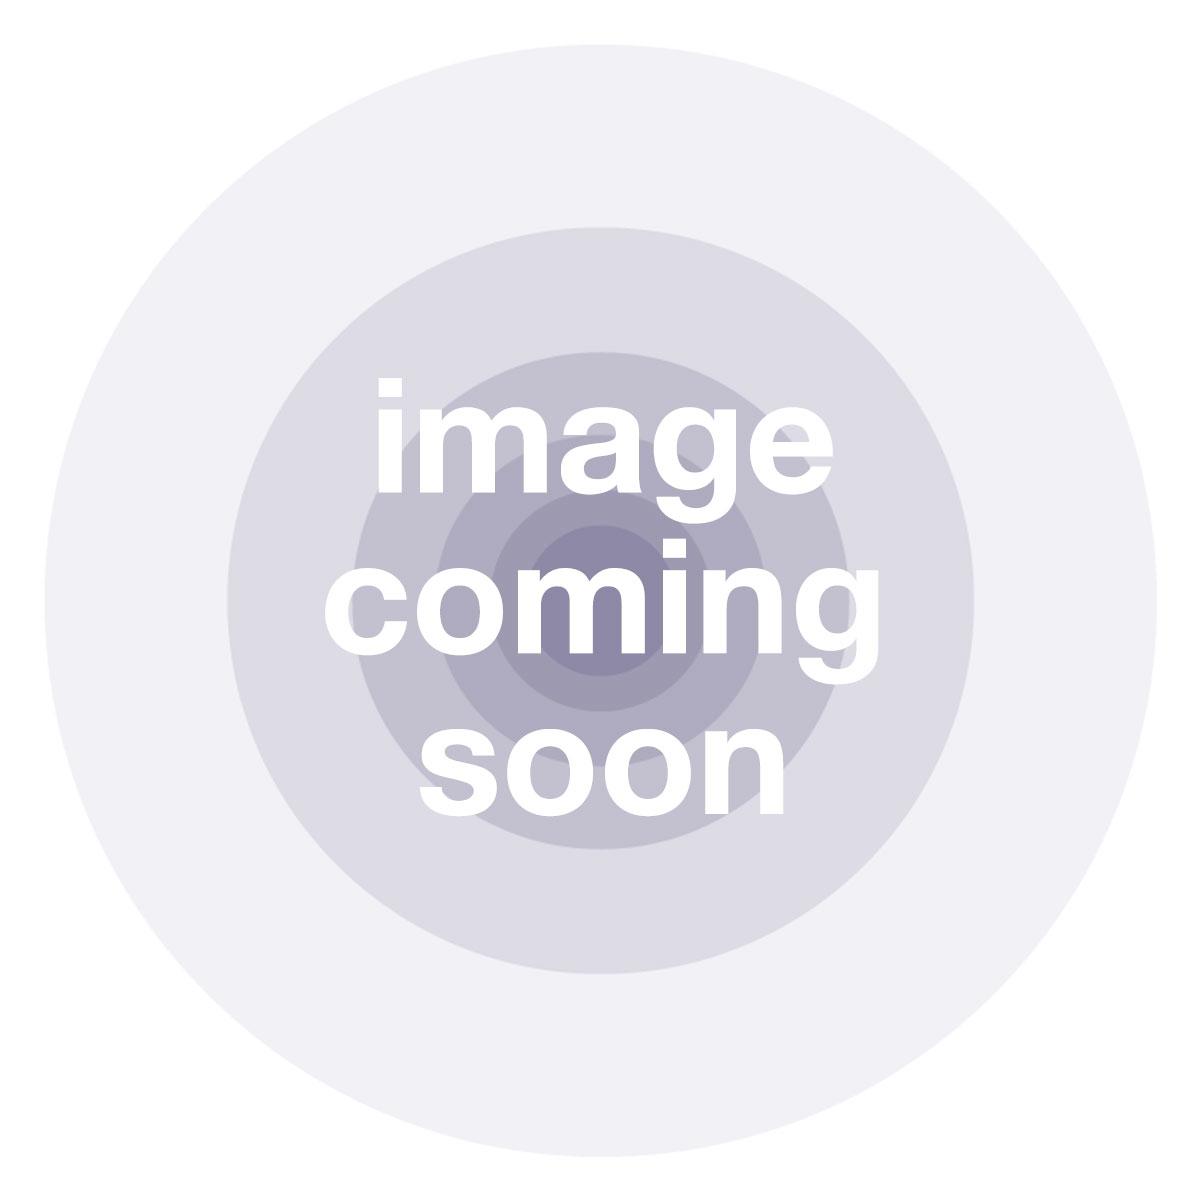 Teradek Cube 205/405 Video Streaming Encoder & Decoder Pair